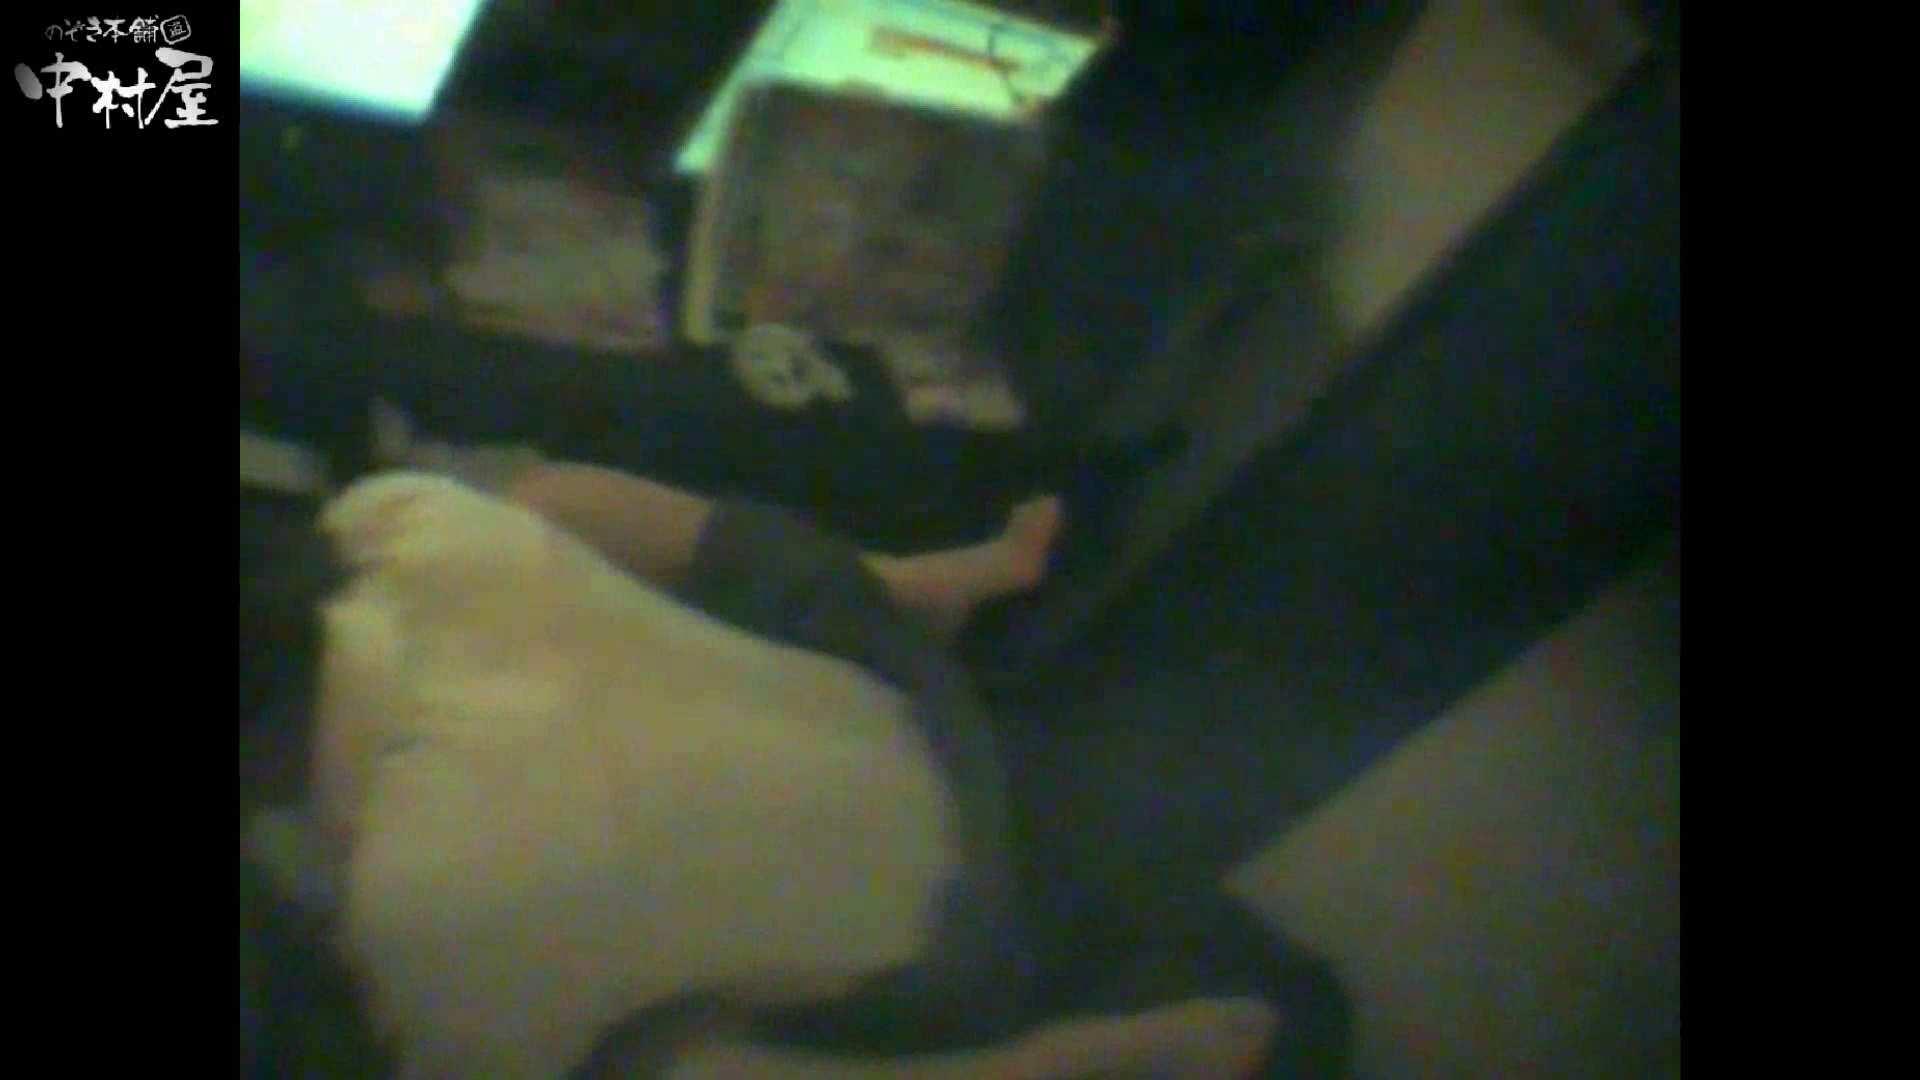 インターネットカフェの中で起こっている出来事 vol.016 卑猥すぎ | カップル映像 のぞき 89PIX 39